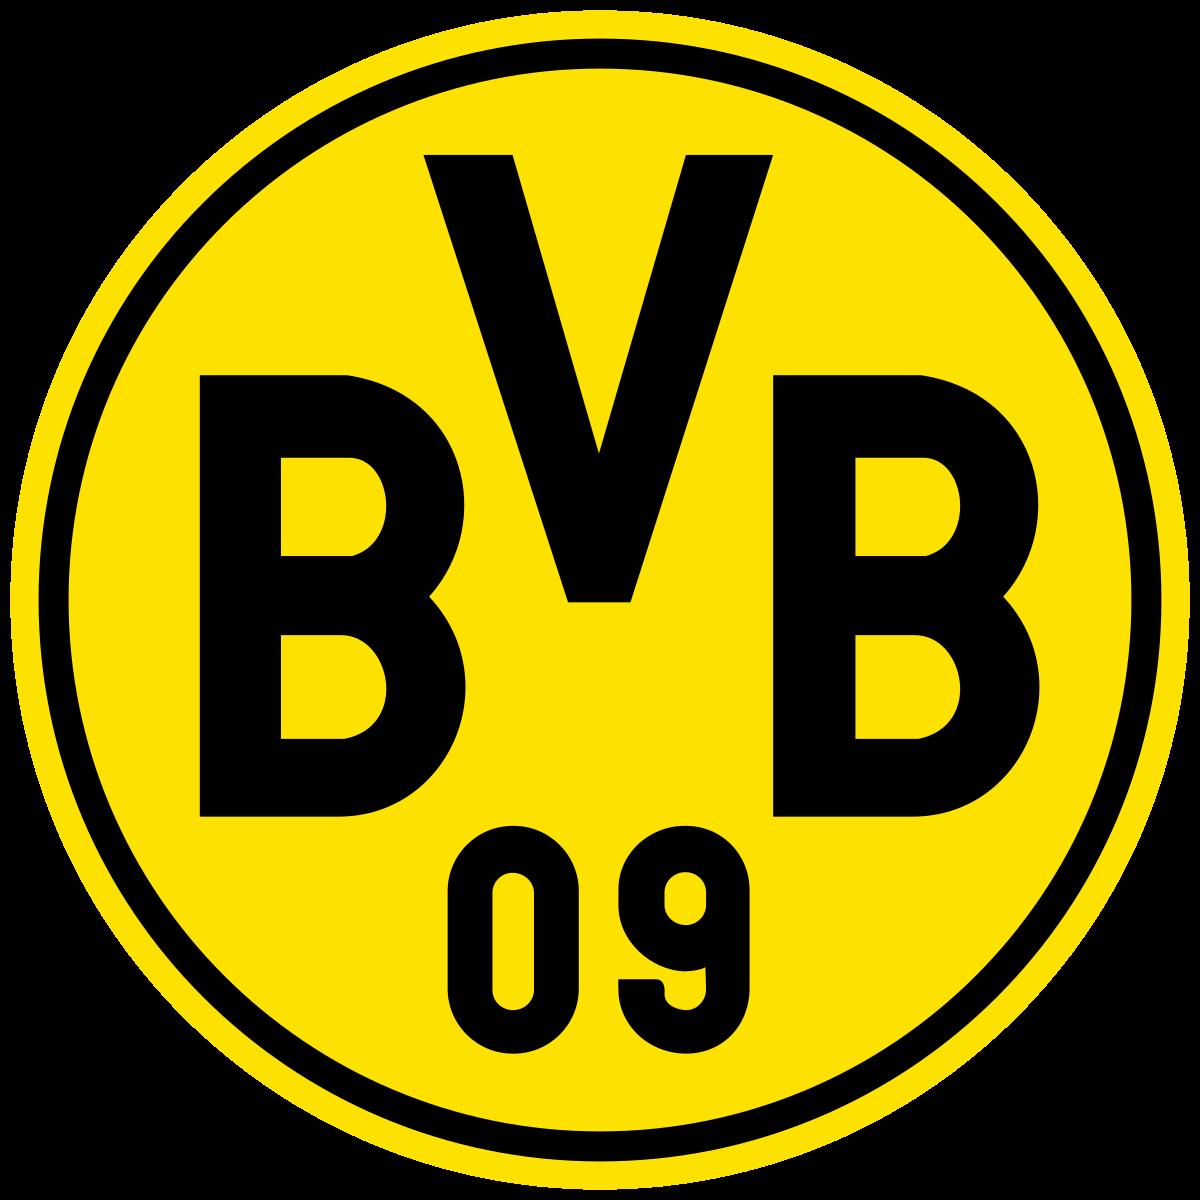 Фк германия-1888— самый старый футбольный клуб фрг